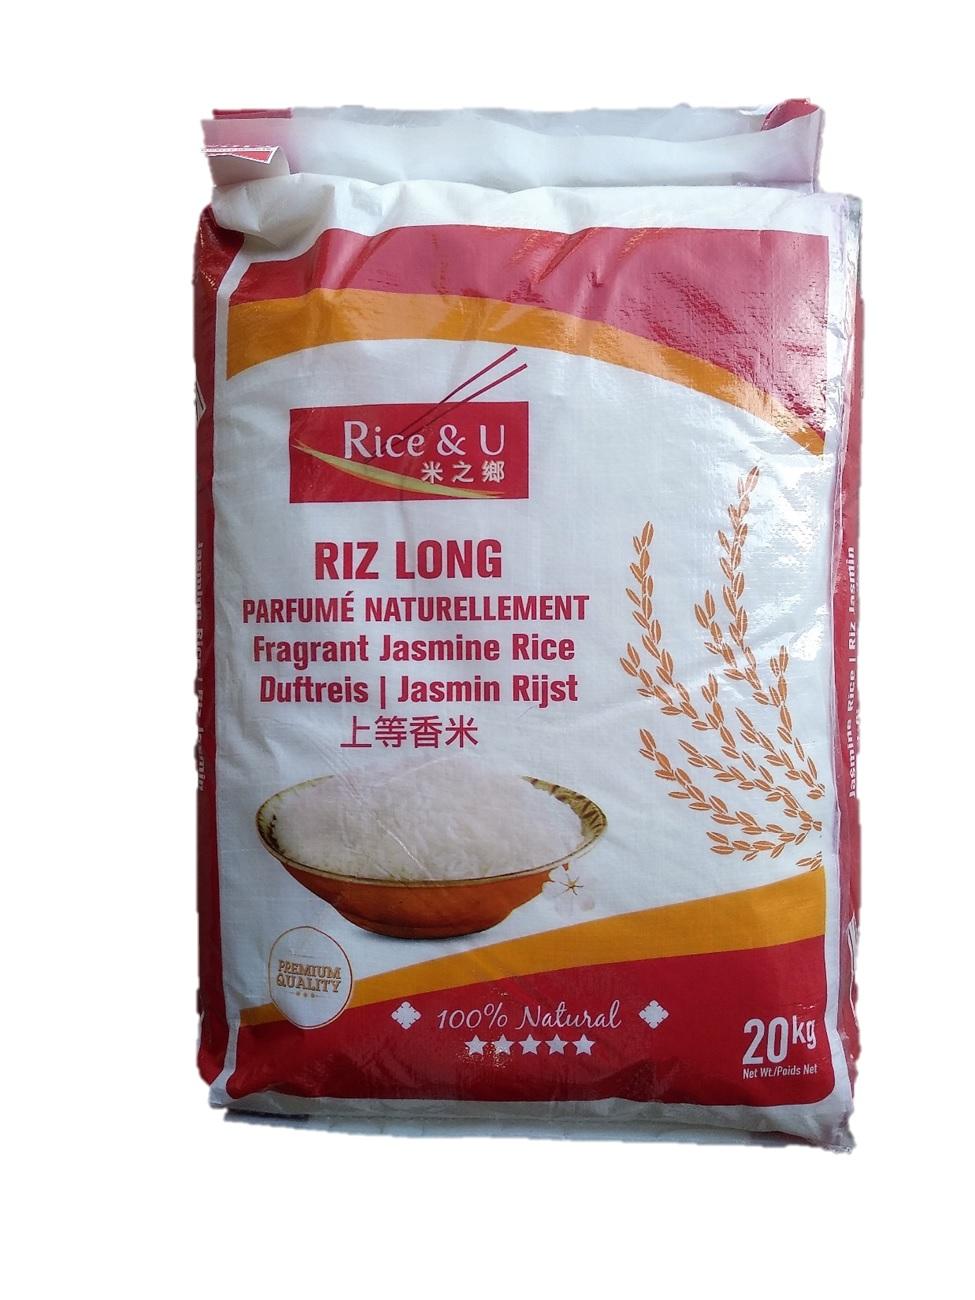 arroz-rice-u